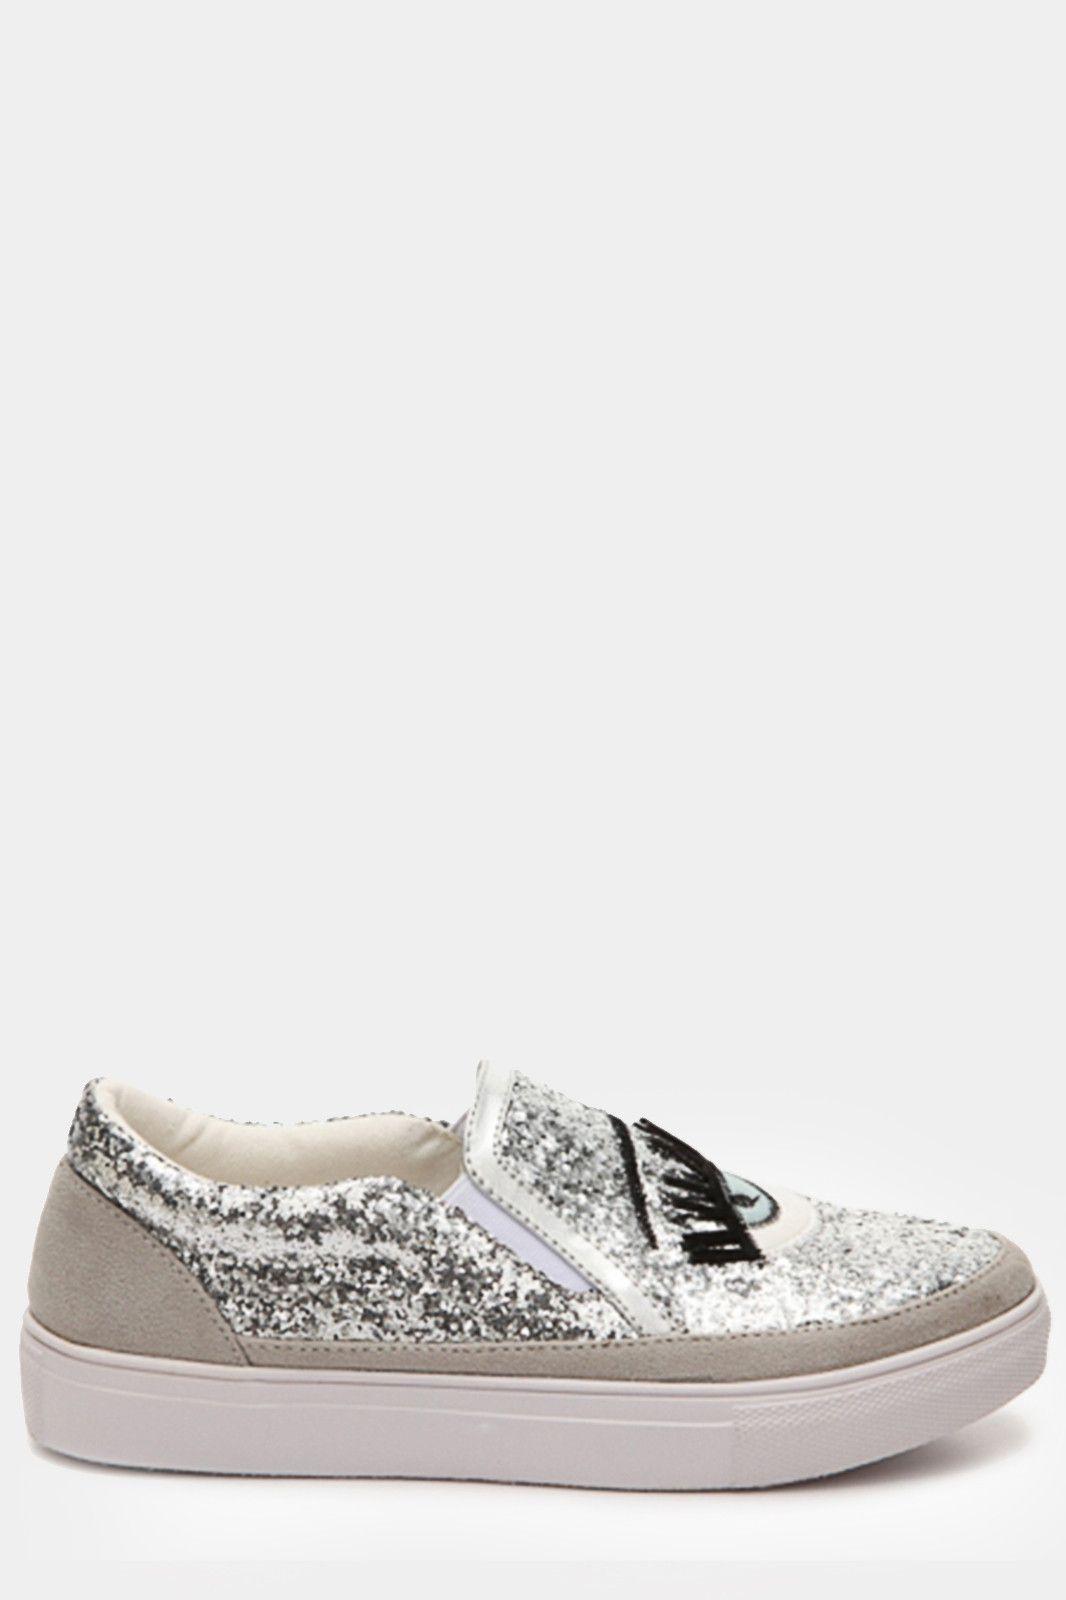 Lounge Slip-On Sneakers